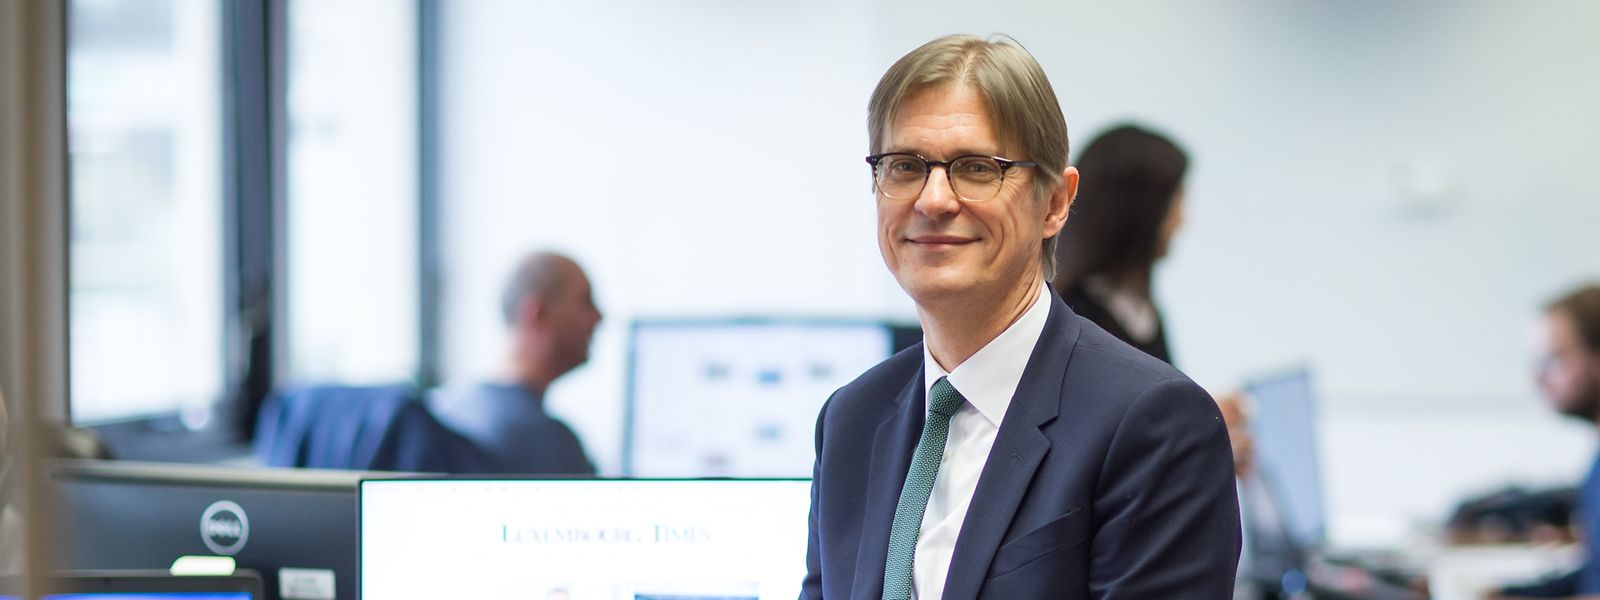 Der gebürtige Niederländer Douwe Miedema ist neuer Chefredakteur der Luxembourg Times.